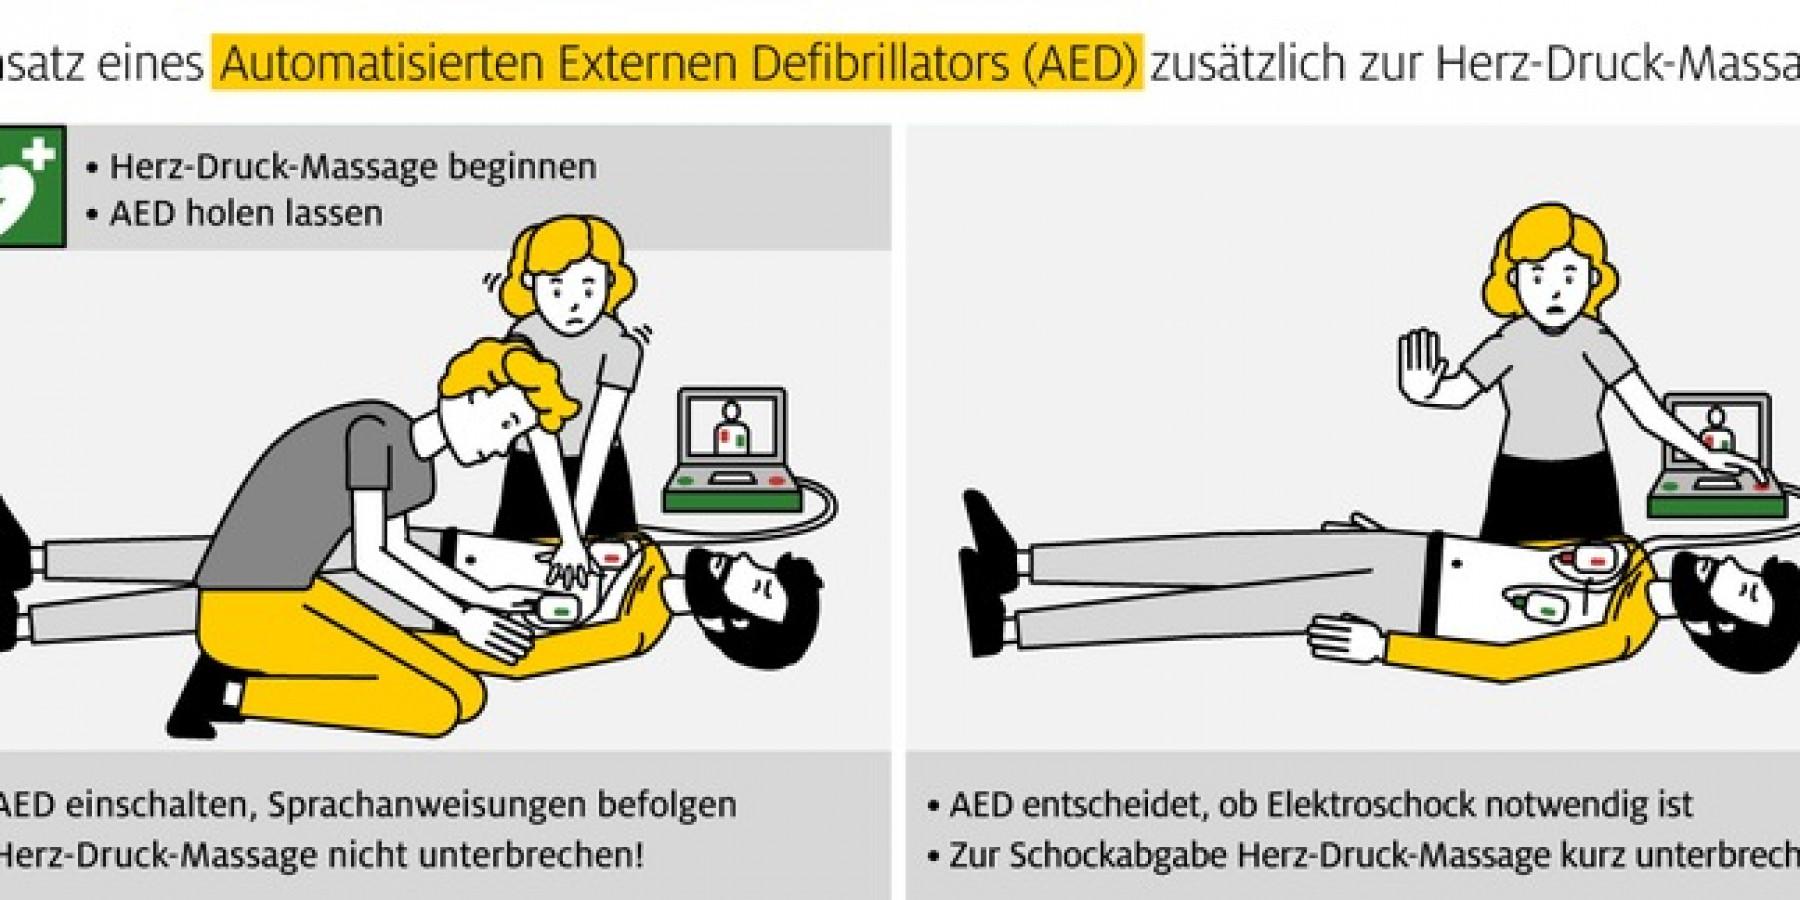 Erste Hilfe leisten – auch während Corona Für rund 50 Prozent ist ein Automatischer Externer Defibrillator (AED) kein Begriff